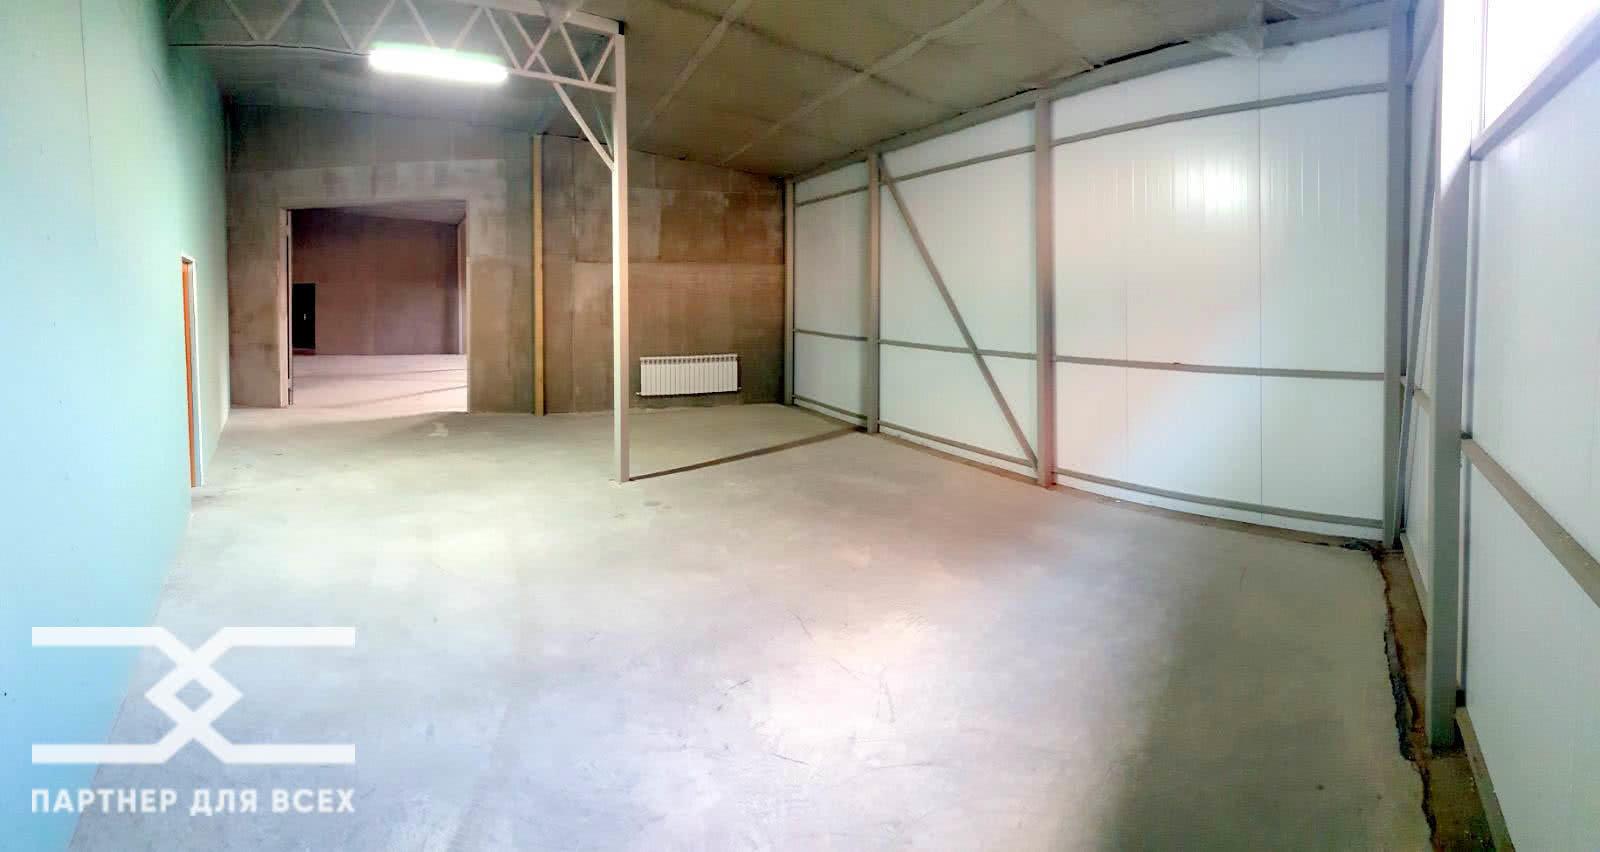 Купить складское помещение на ул. Белорусская, д. 73 в аг. Ждановичи, Минский район - фото 5